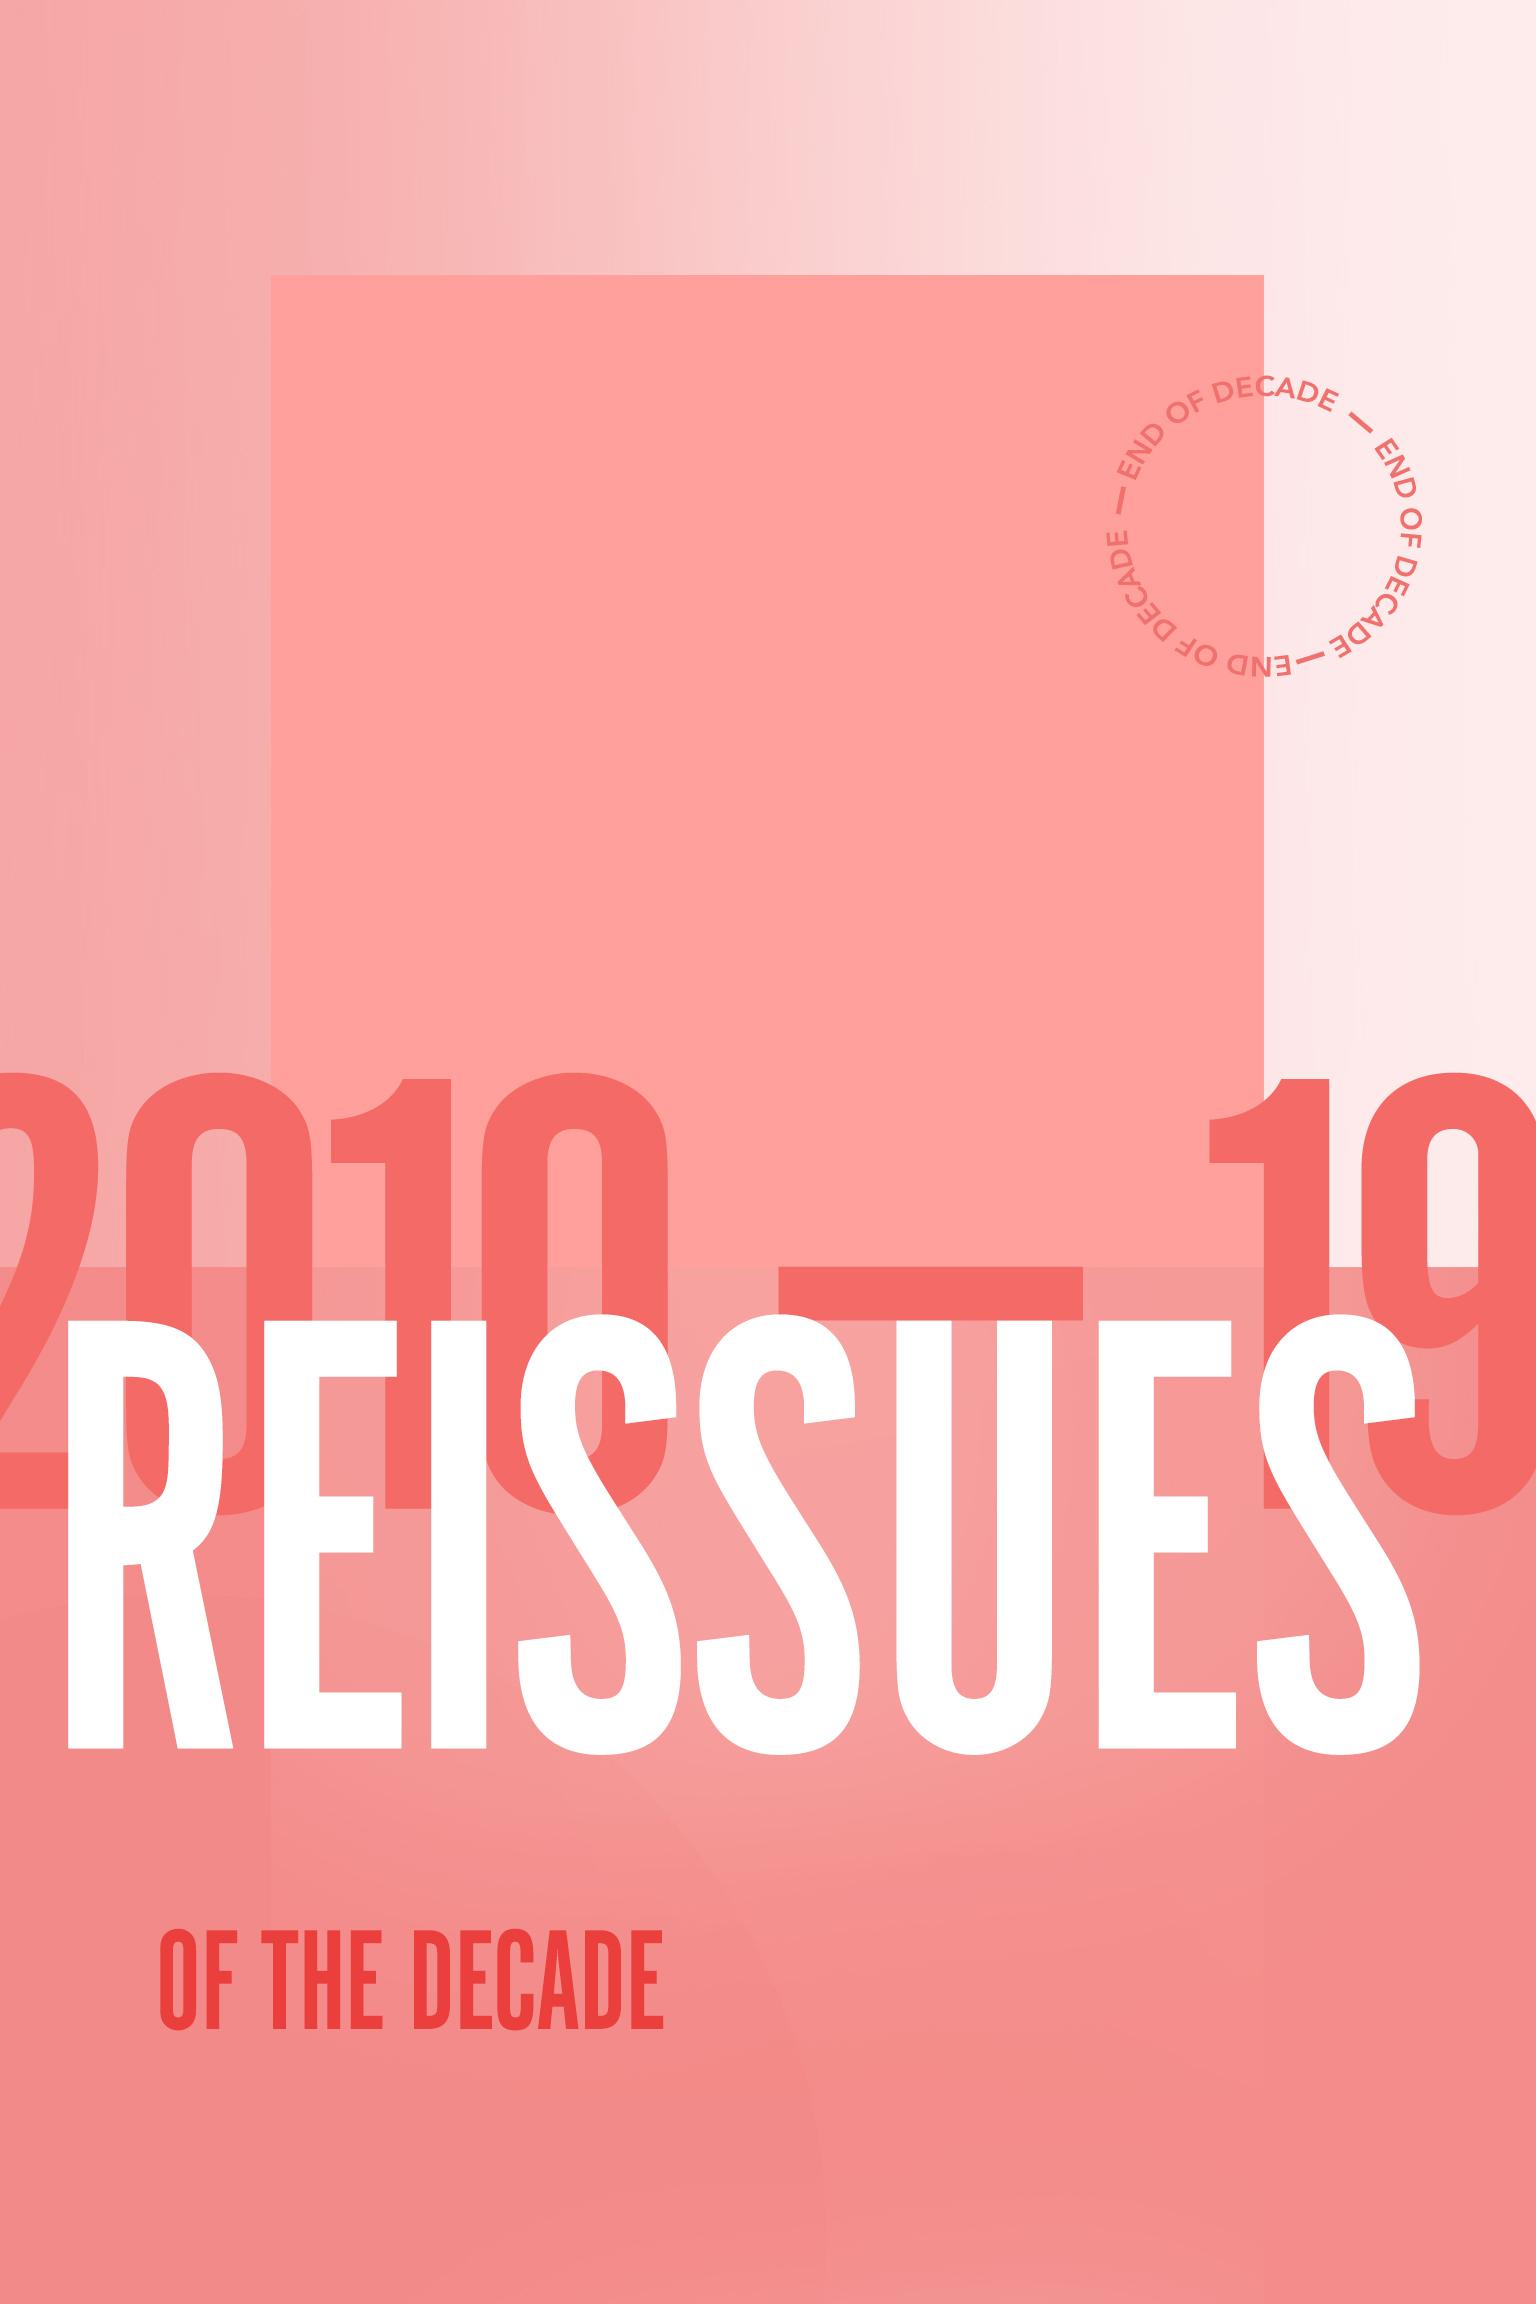 2010-19: 2010年代の最重要リイシュー作品20作